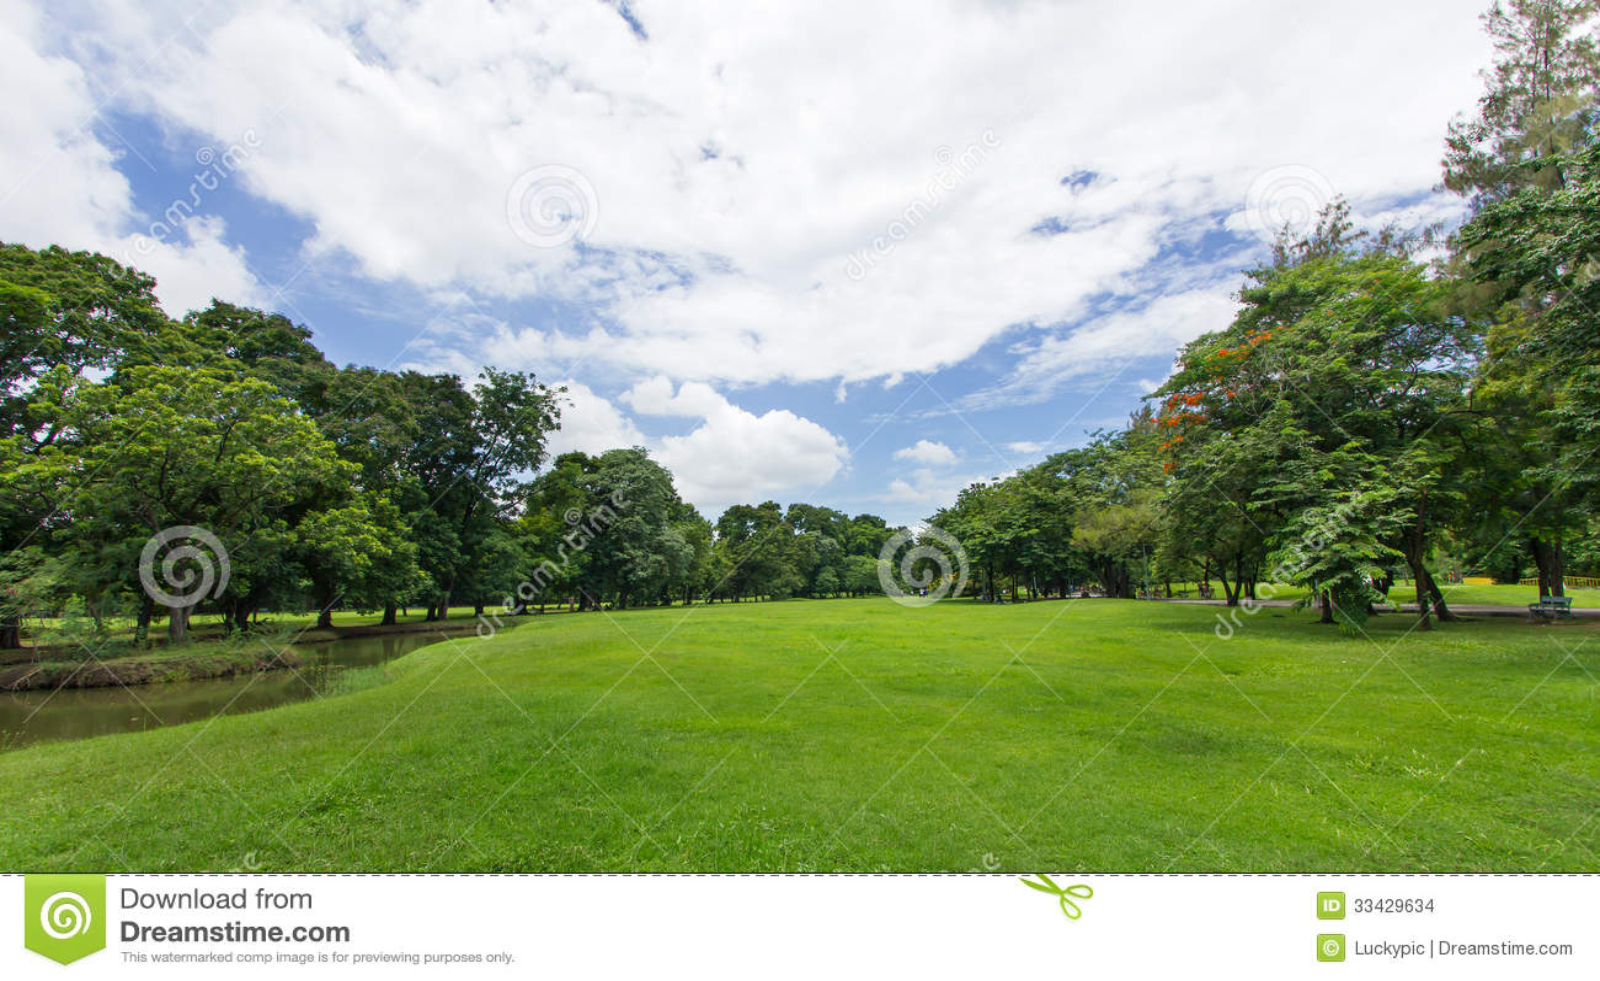 Зеленые лужайка и деревья с голубым небом на общественном парке